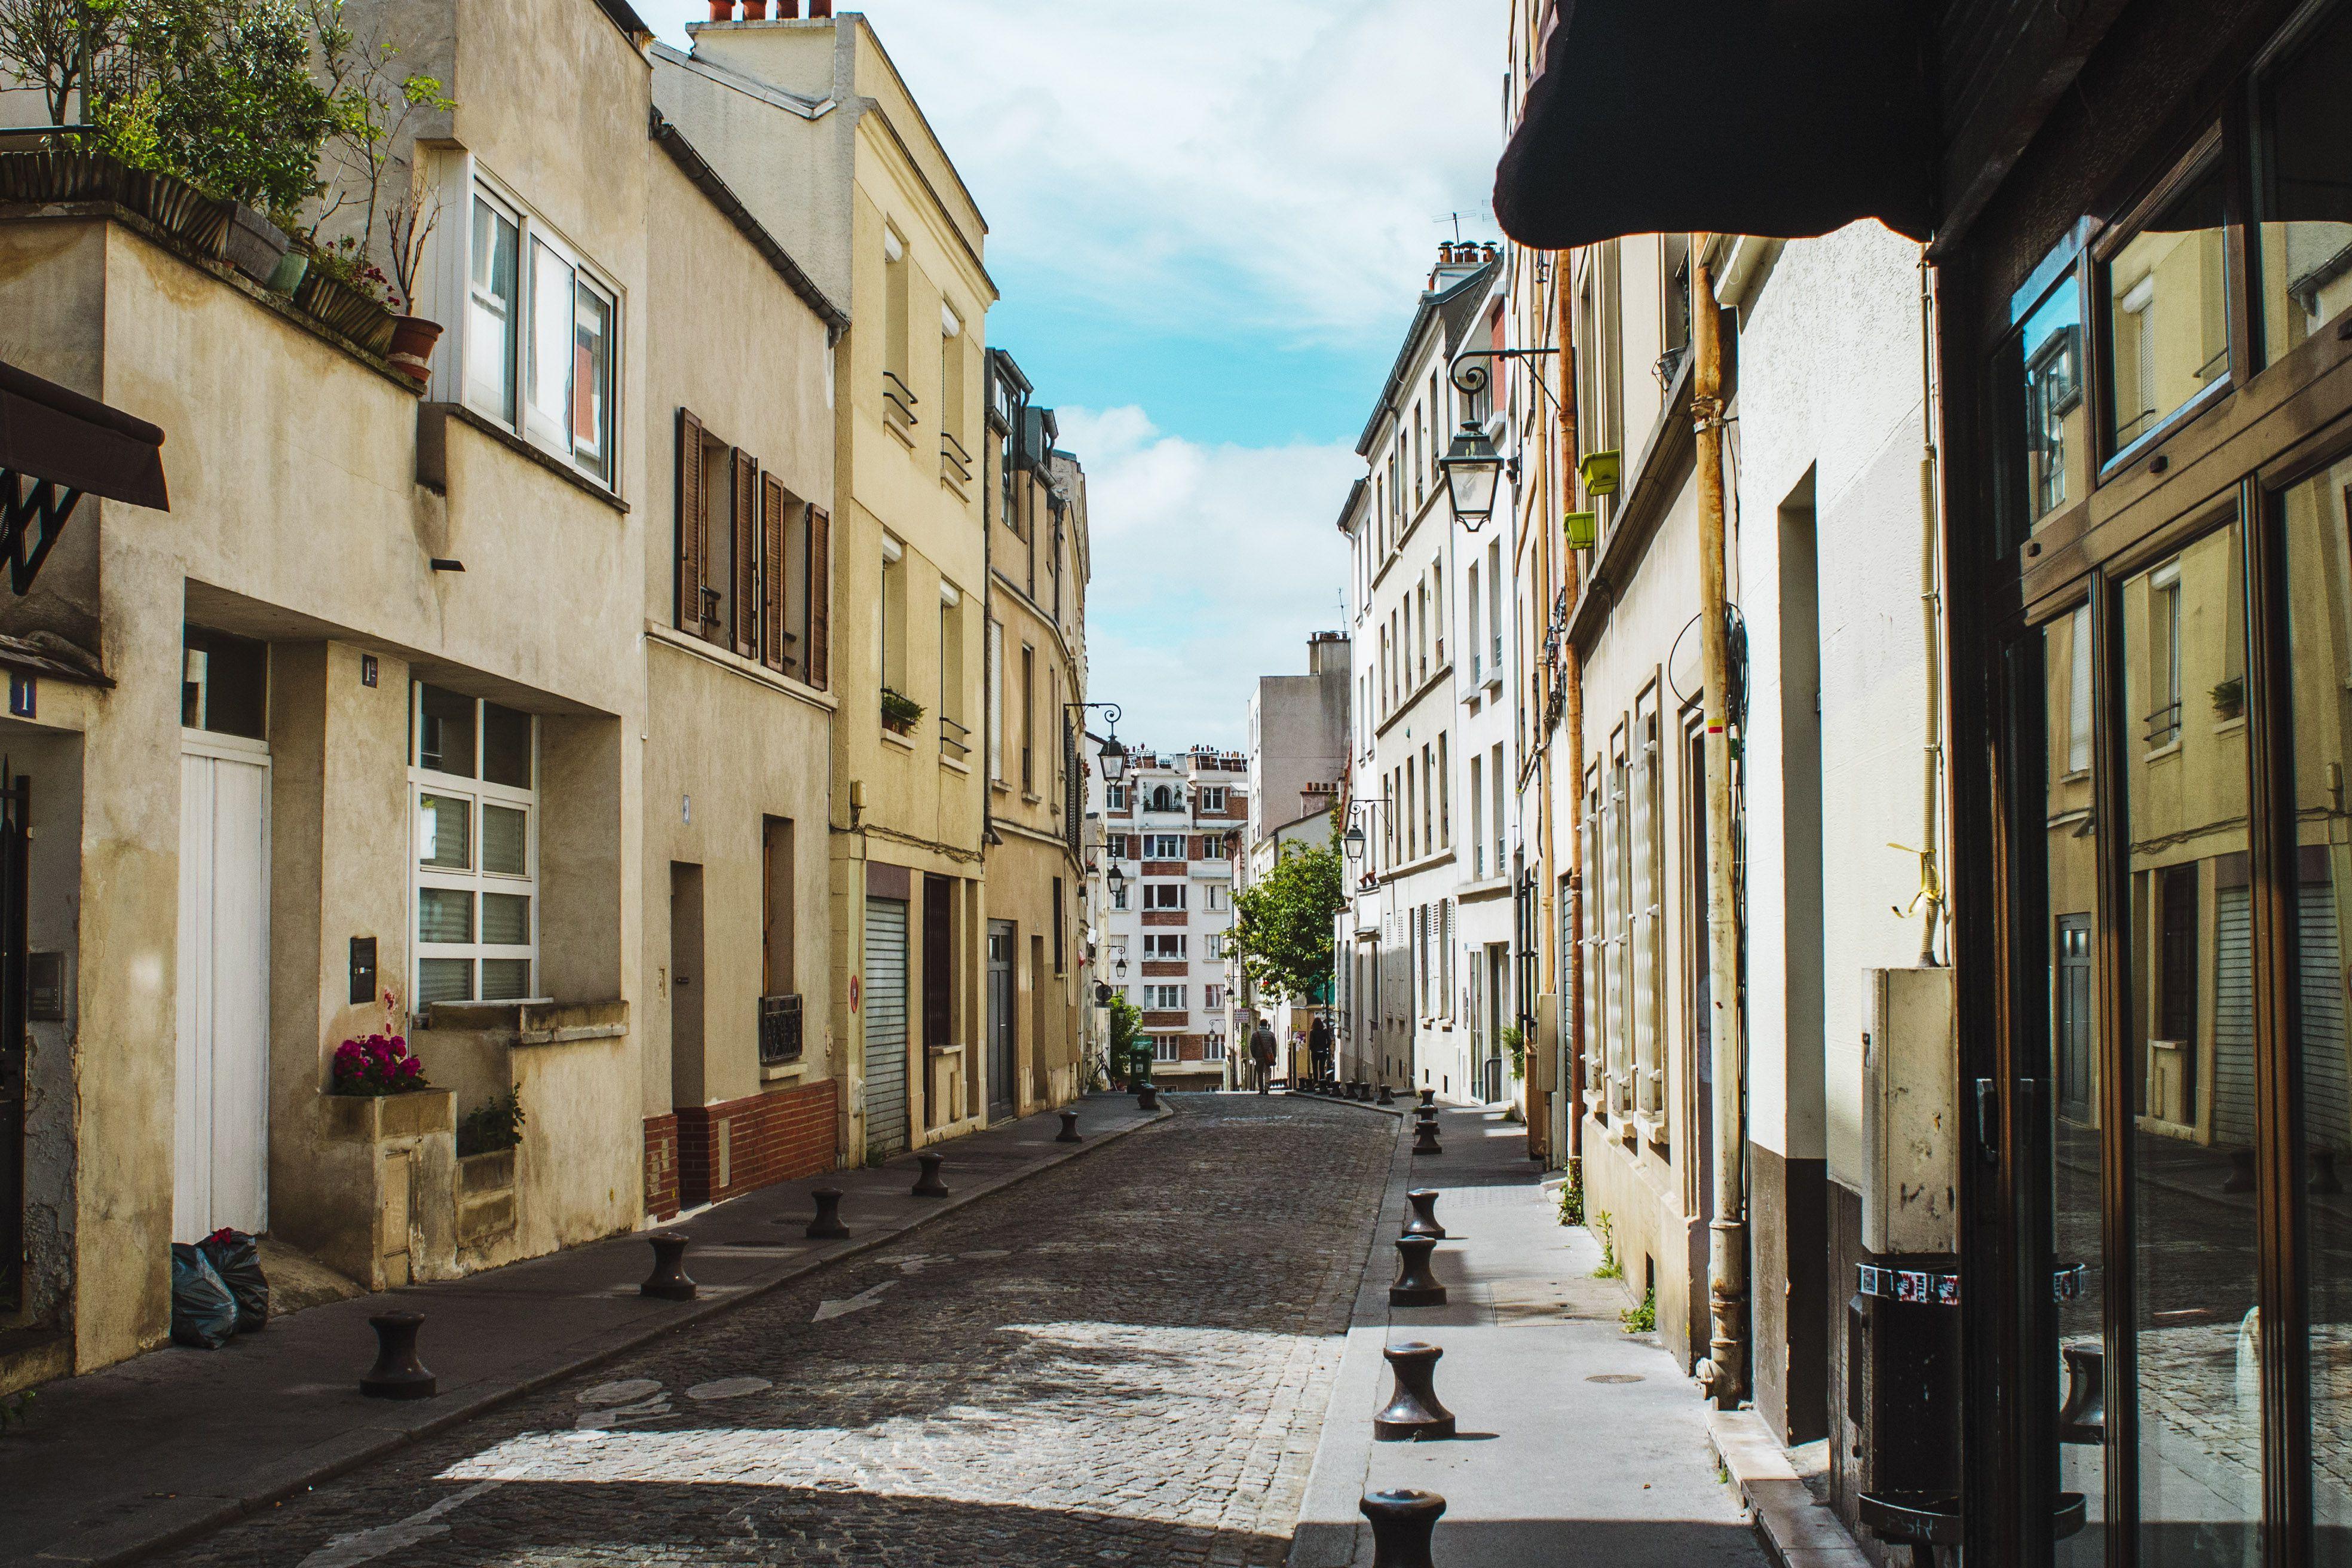 La Butte Aux Cailles Photos exploring the butte aux cailles neighborhood in paris